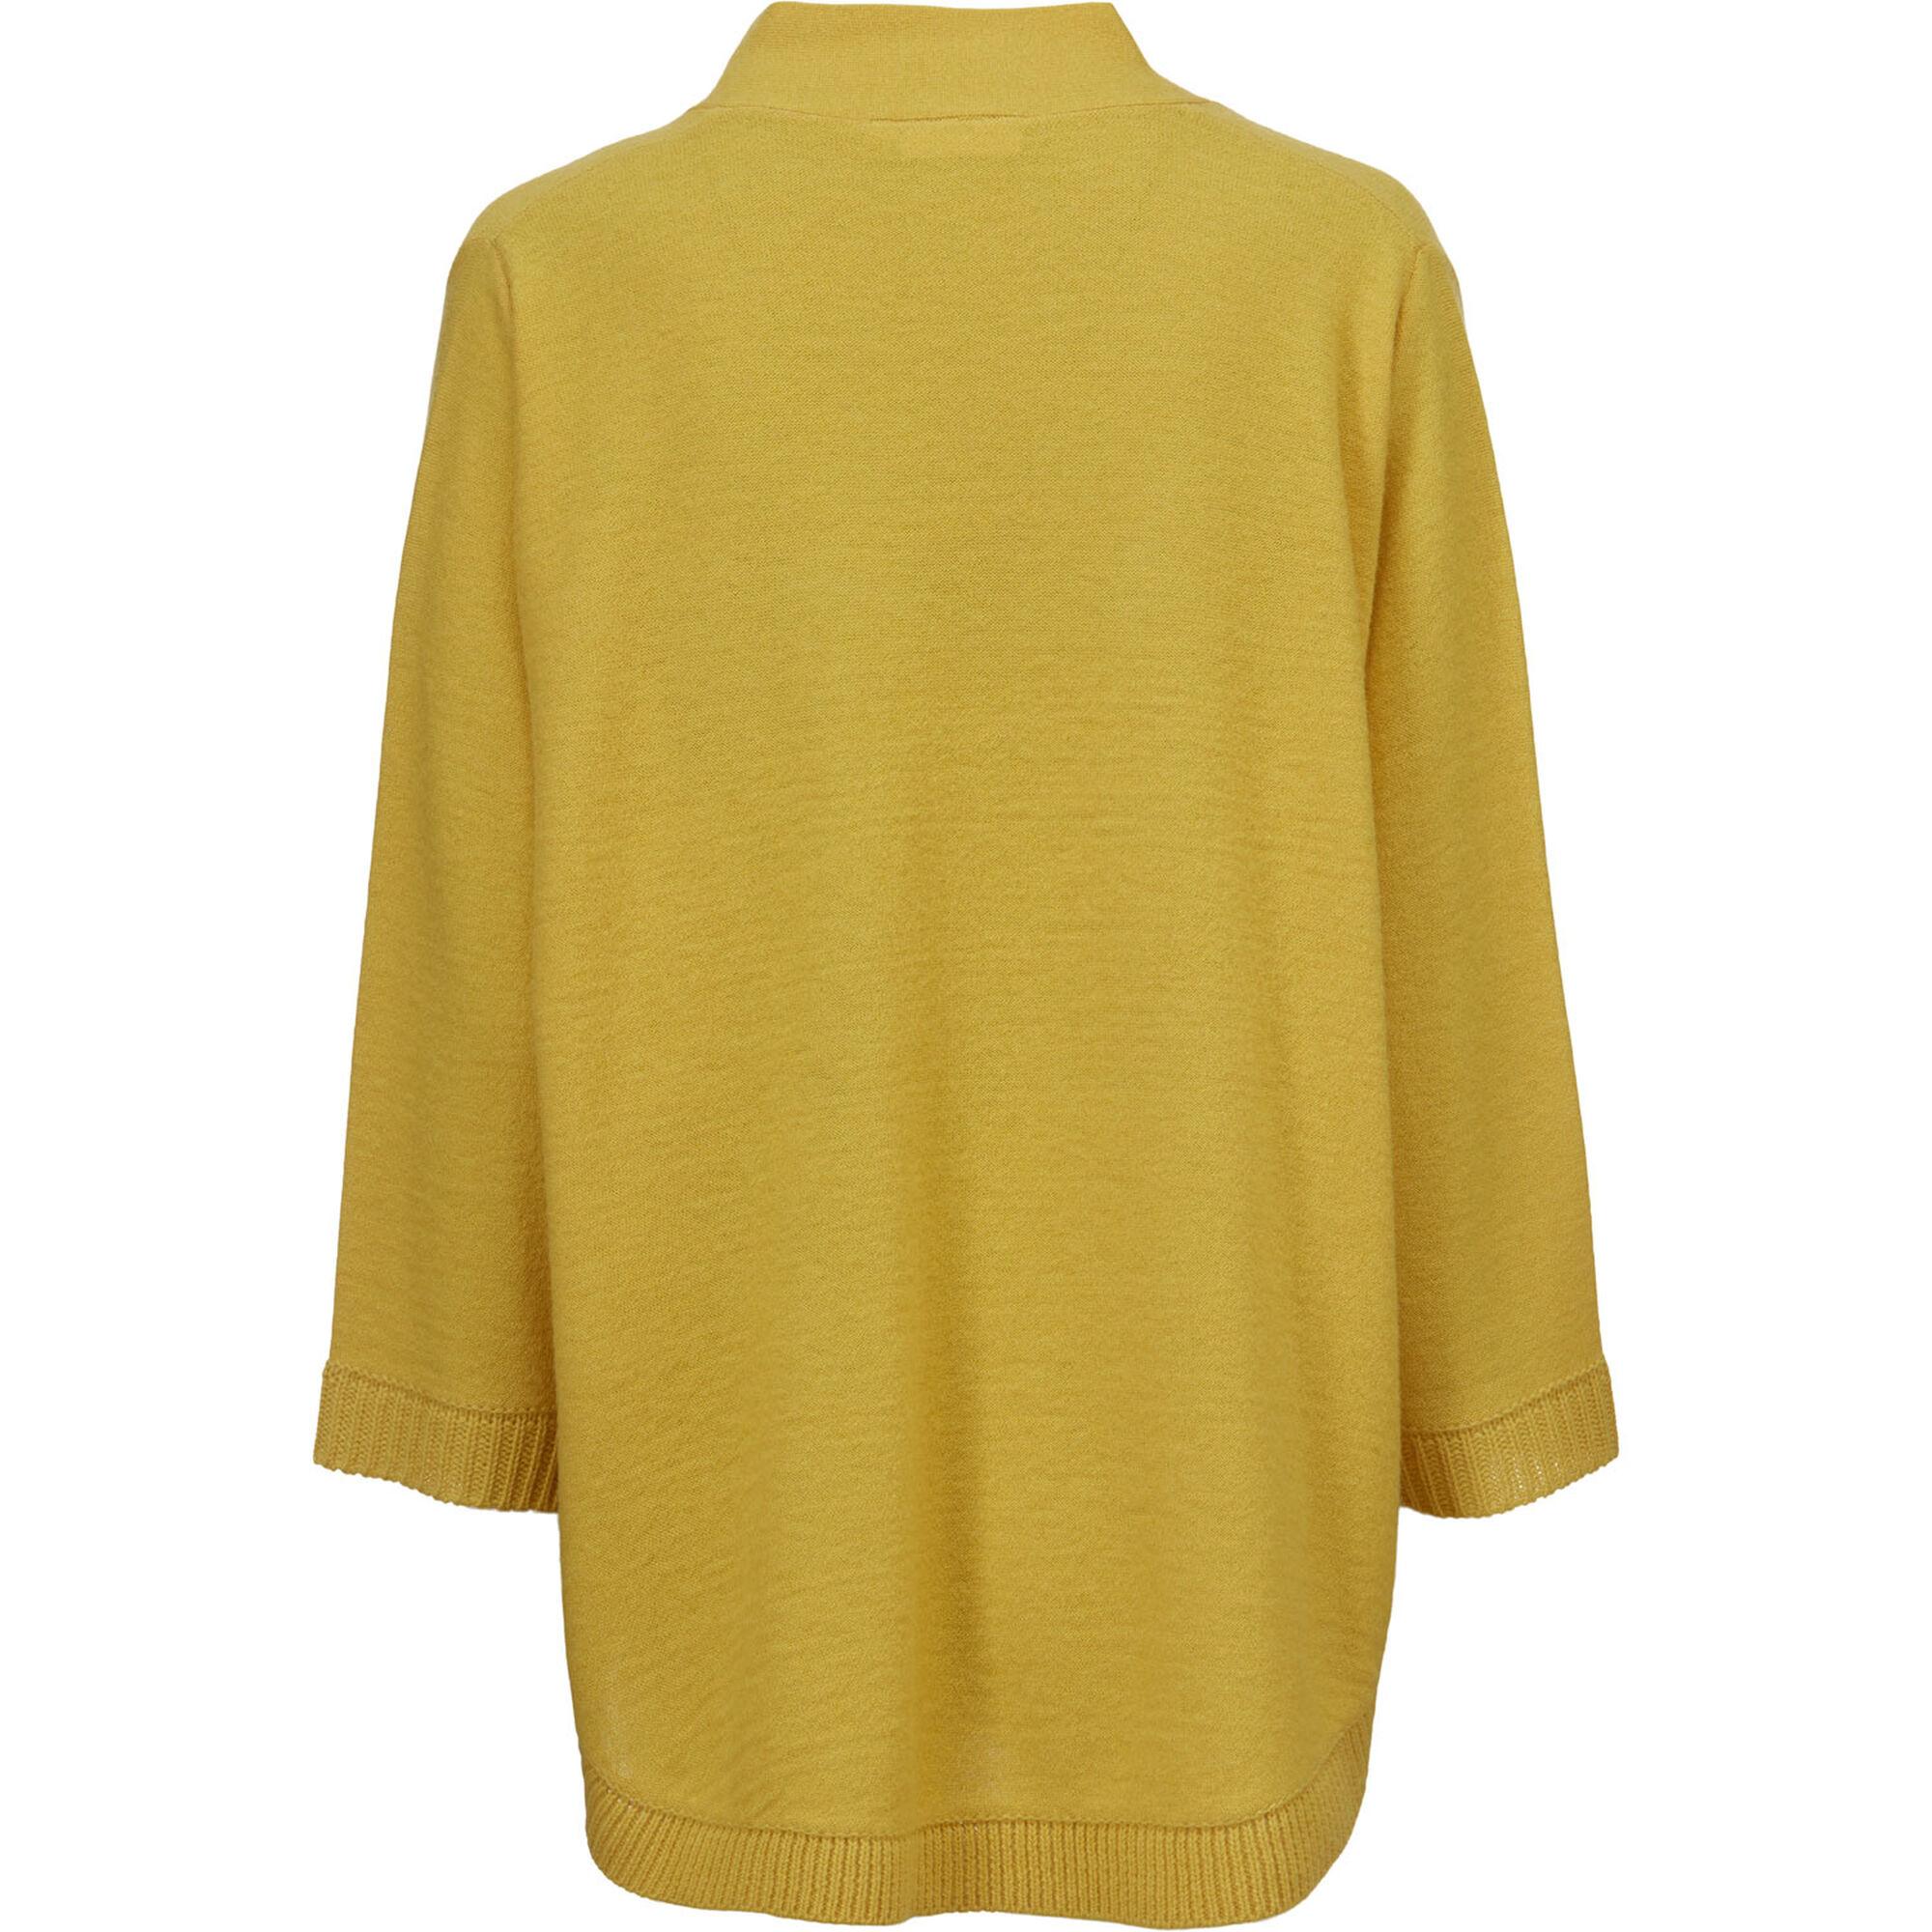 FAITHE TOP, Oil Yellow, hi-res